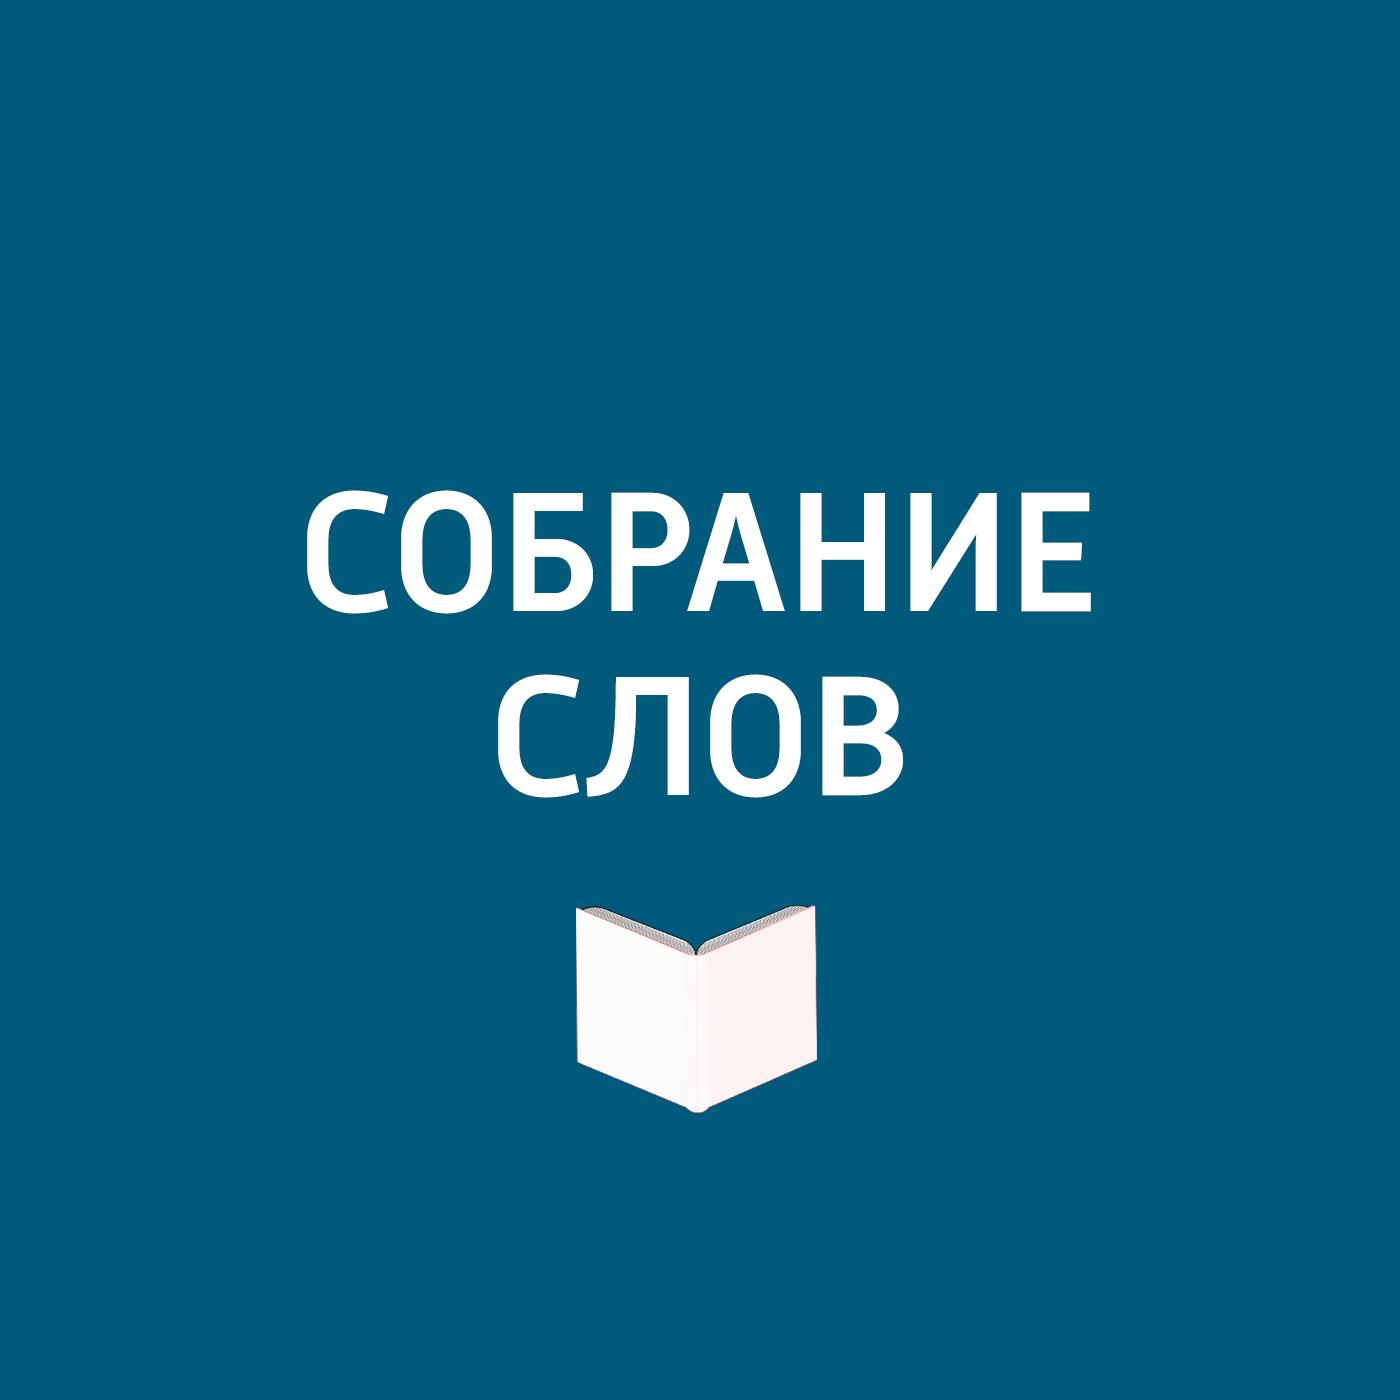 Творческий коллектив программы «Собрание слов» Роль Летова в русской рок-поэзии